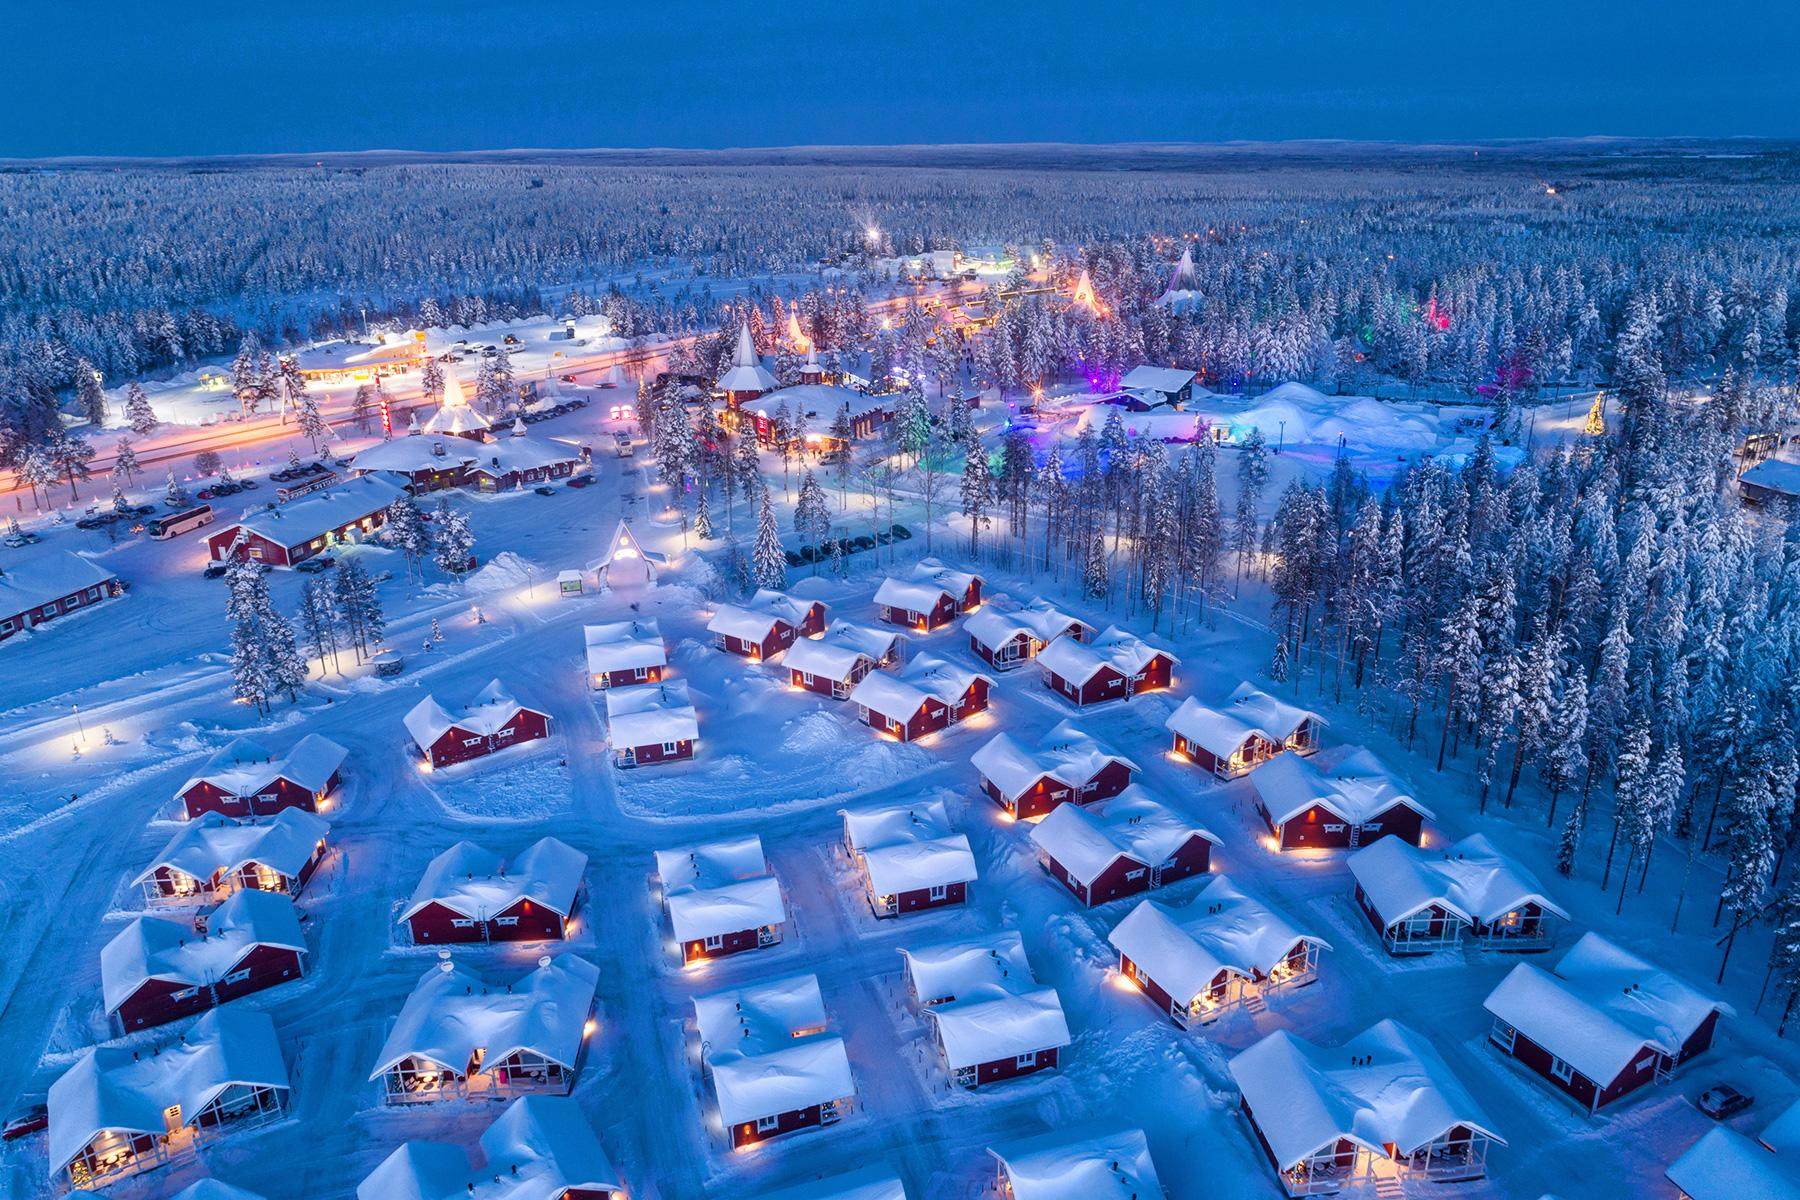 04_IceHotels__SnowVillageFinland_shutterstock_1219316851